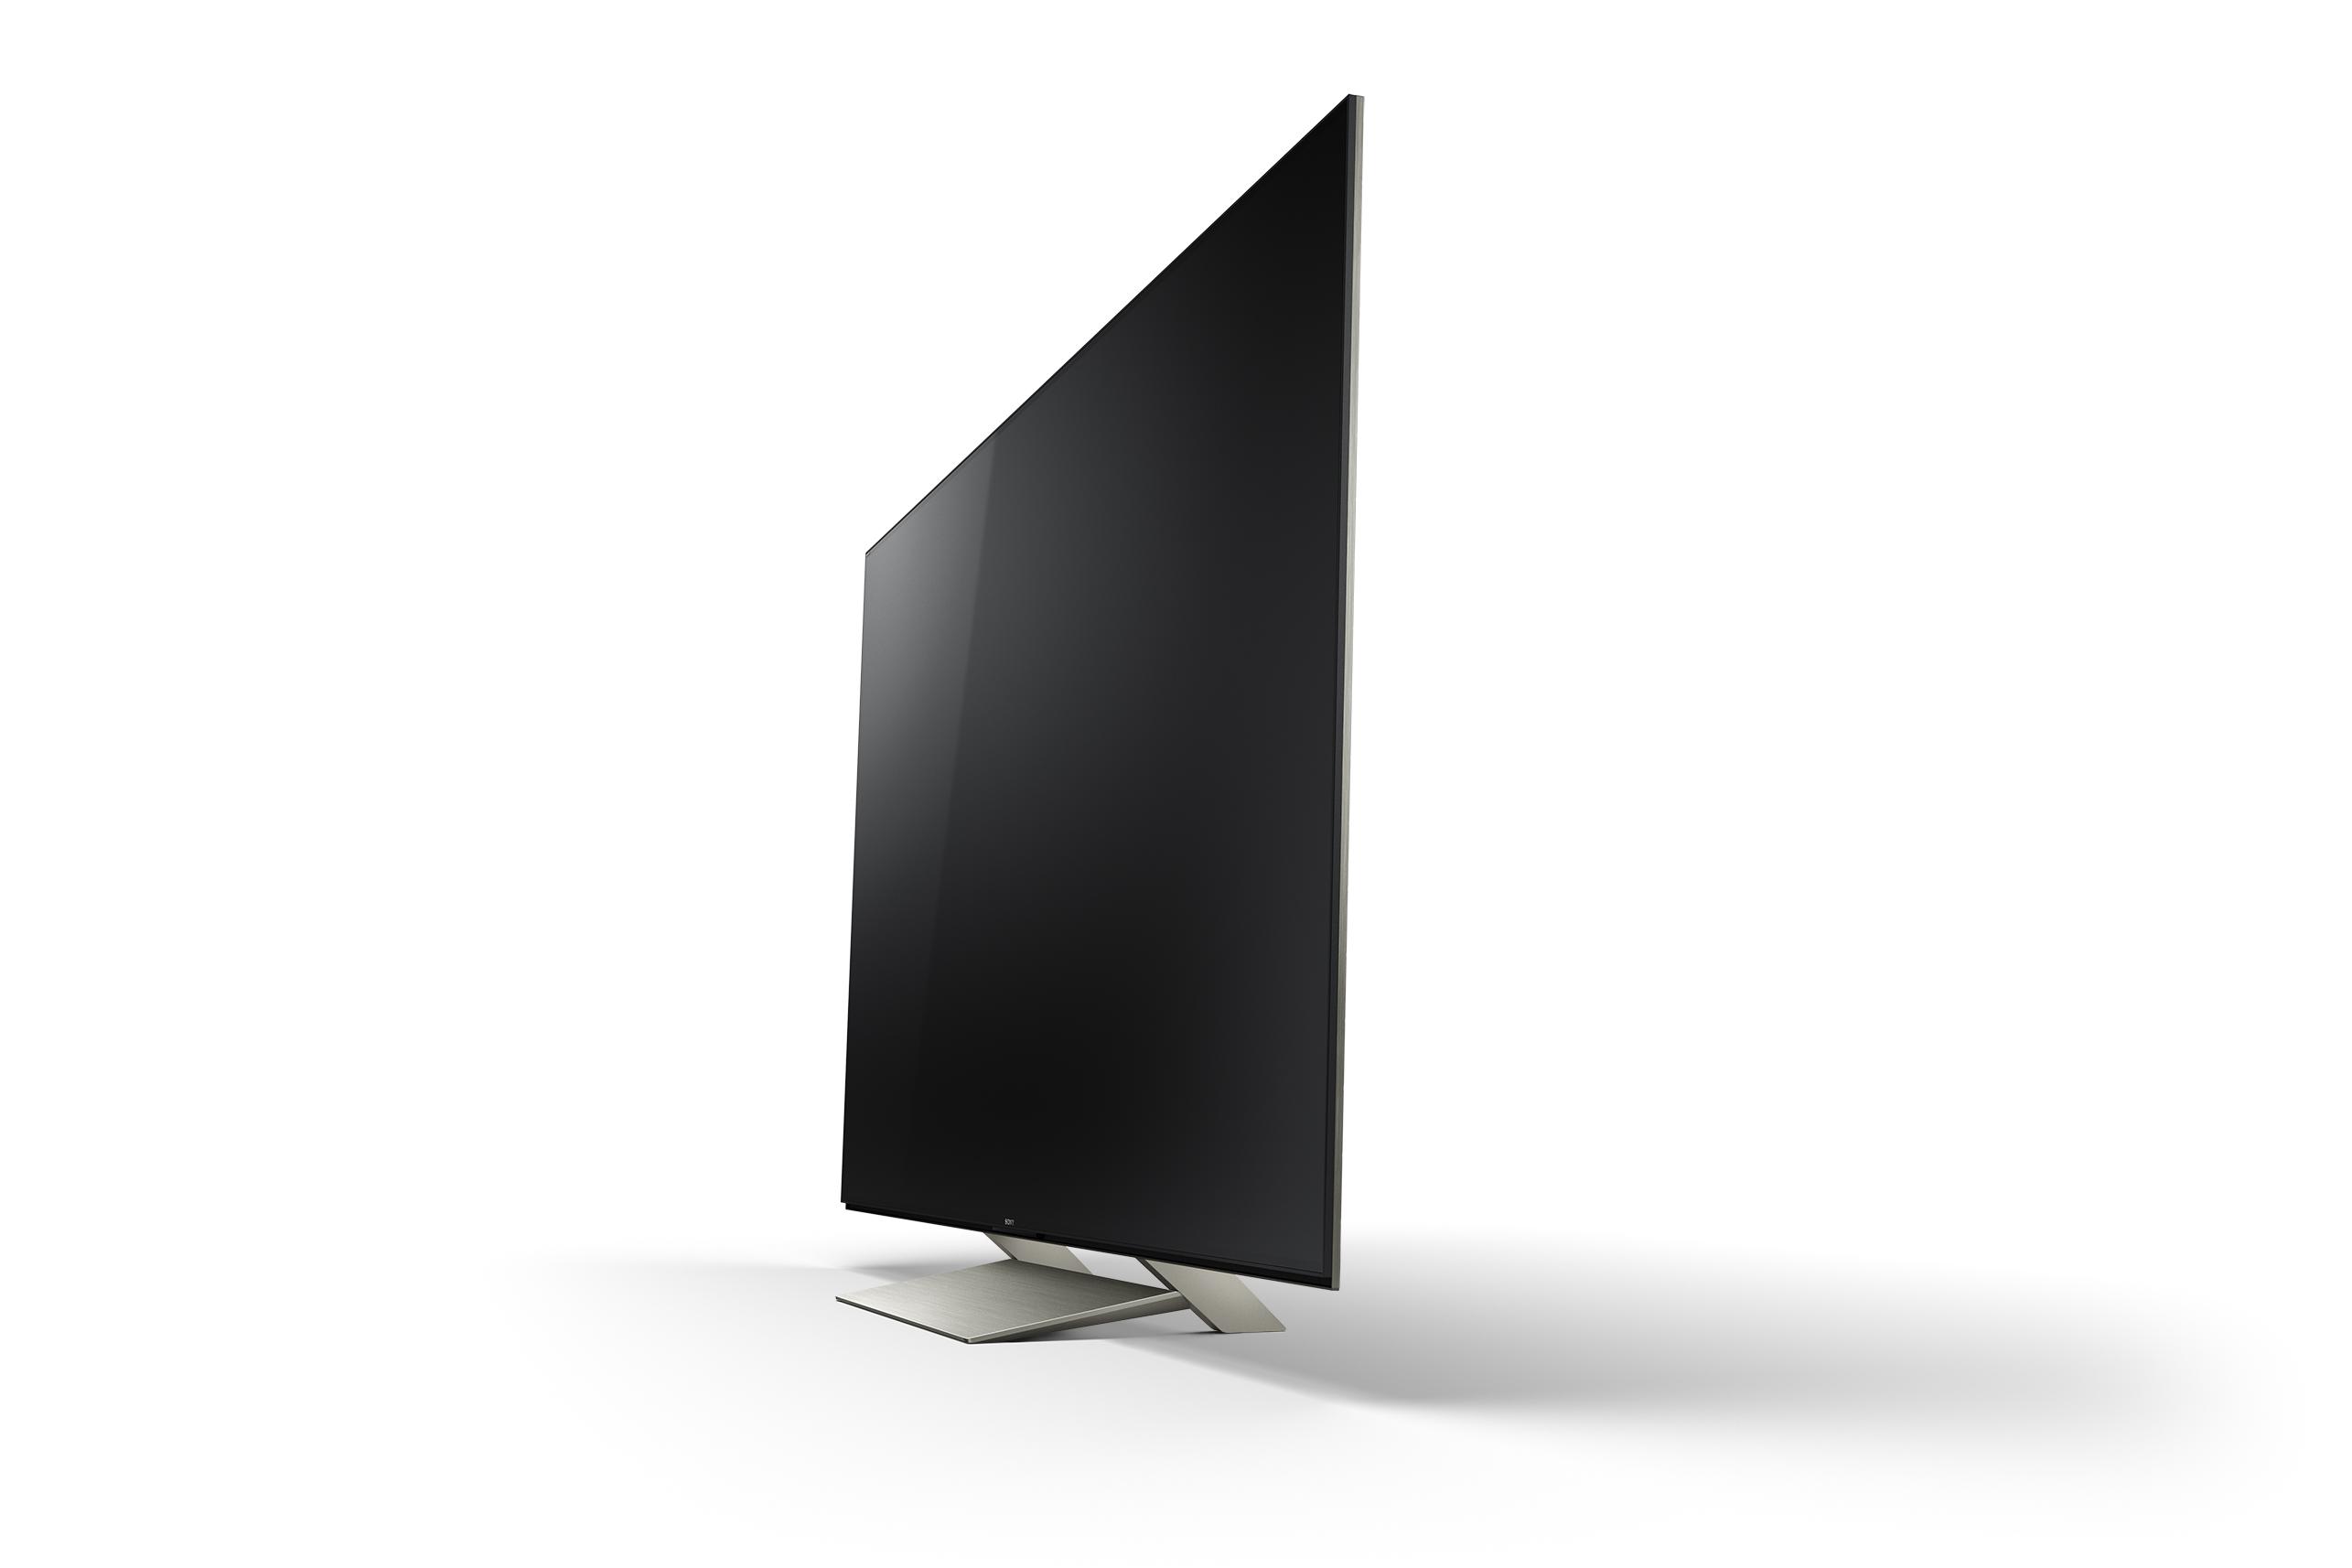 bravia-oled-a1-xe94-i-xe93-linejjka-novykh-televizorov-sony-televizory-xe94-i-xe93-6